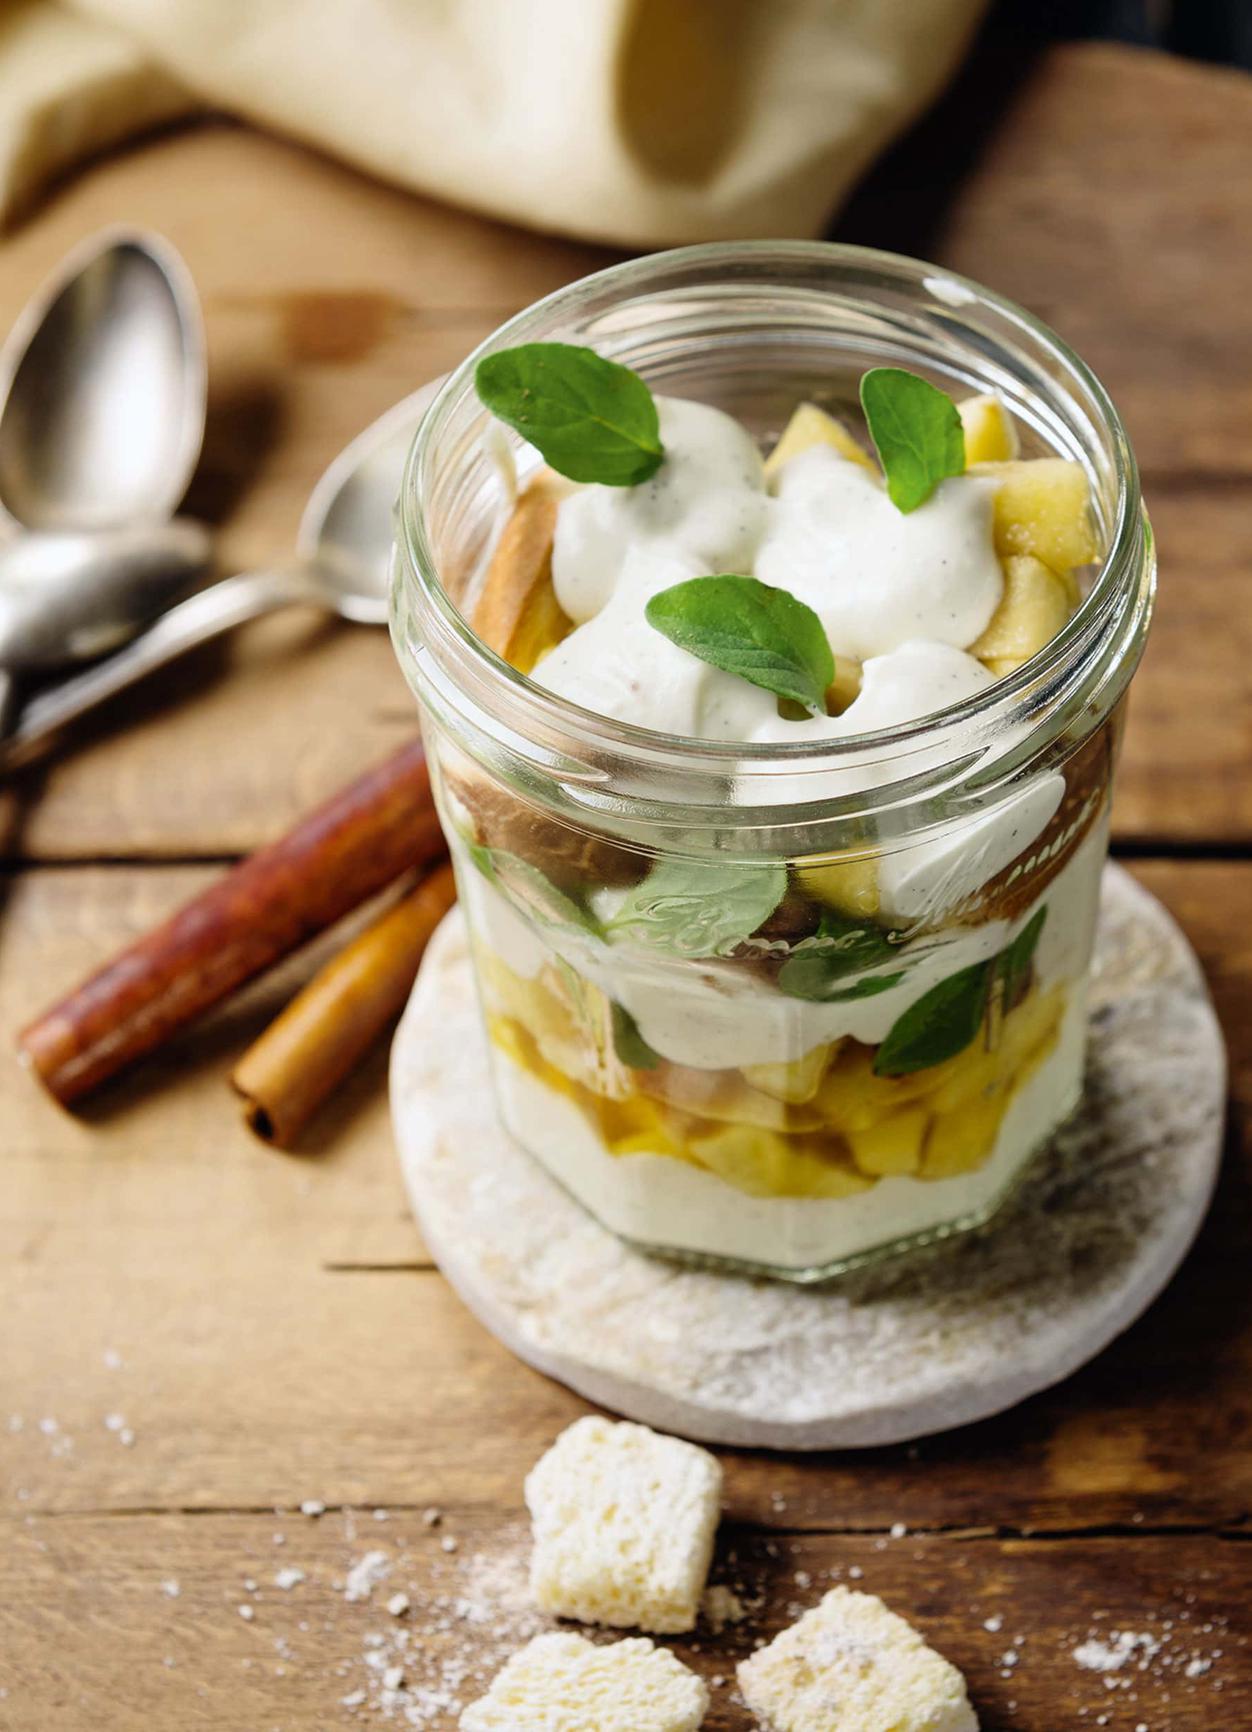 Einfaches Apfel-Joghurt Dessert im Glas